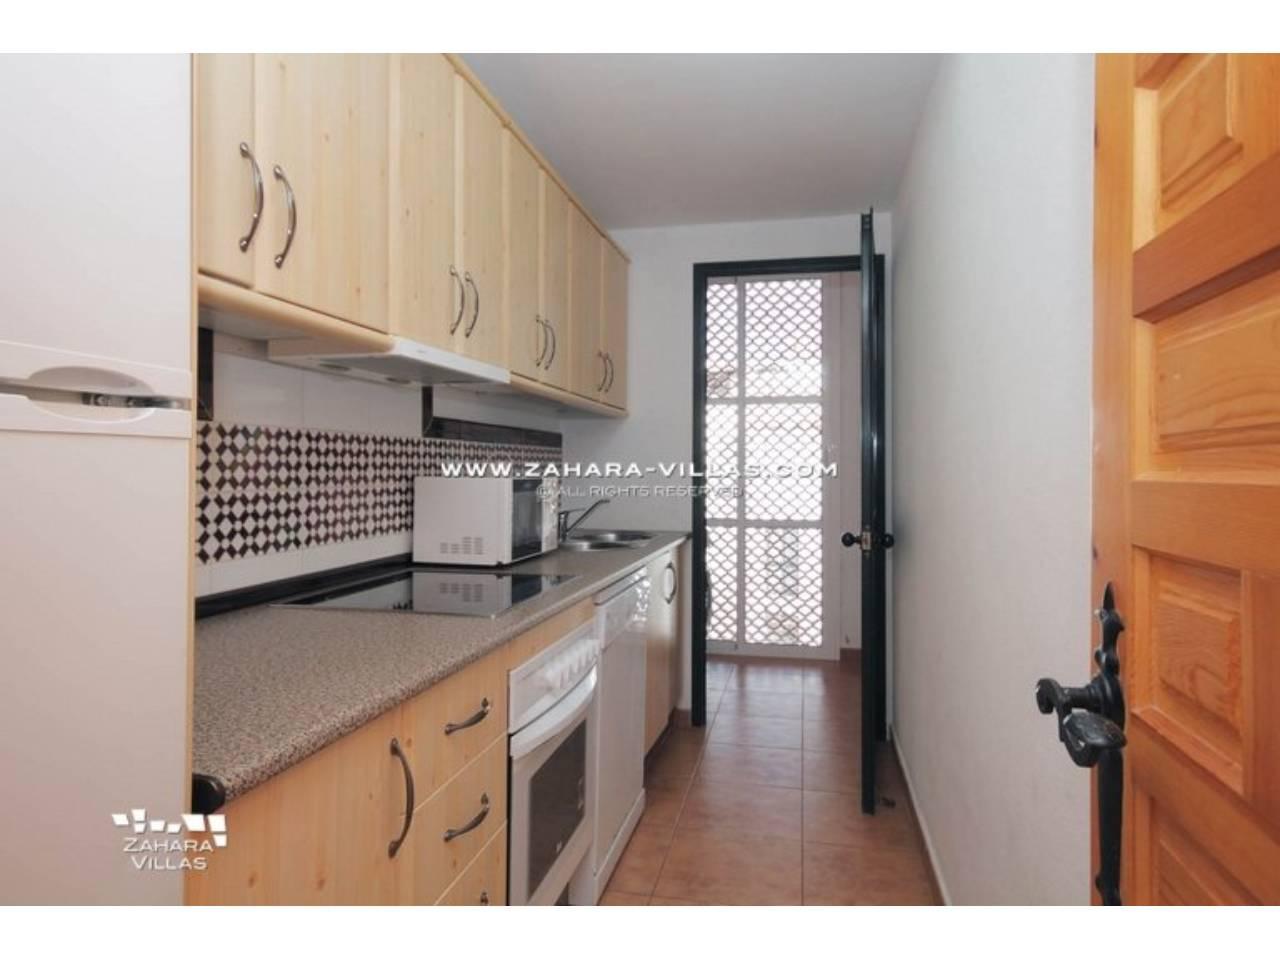 Imagen 3 de Penthouse for sale